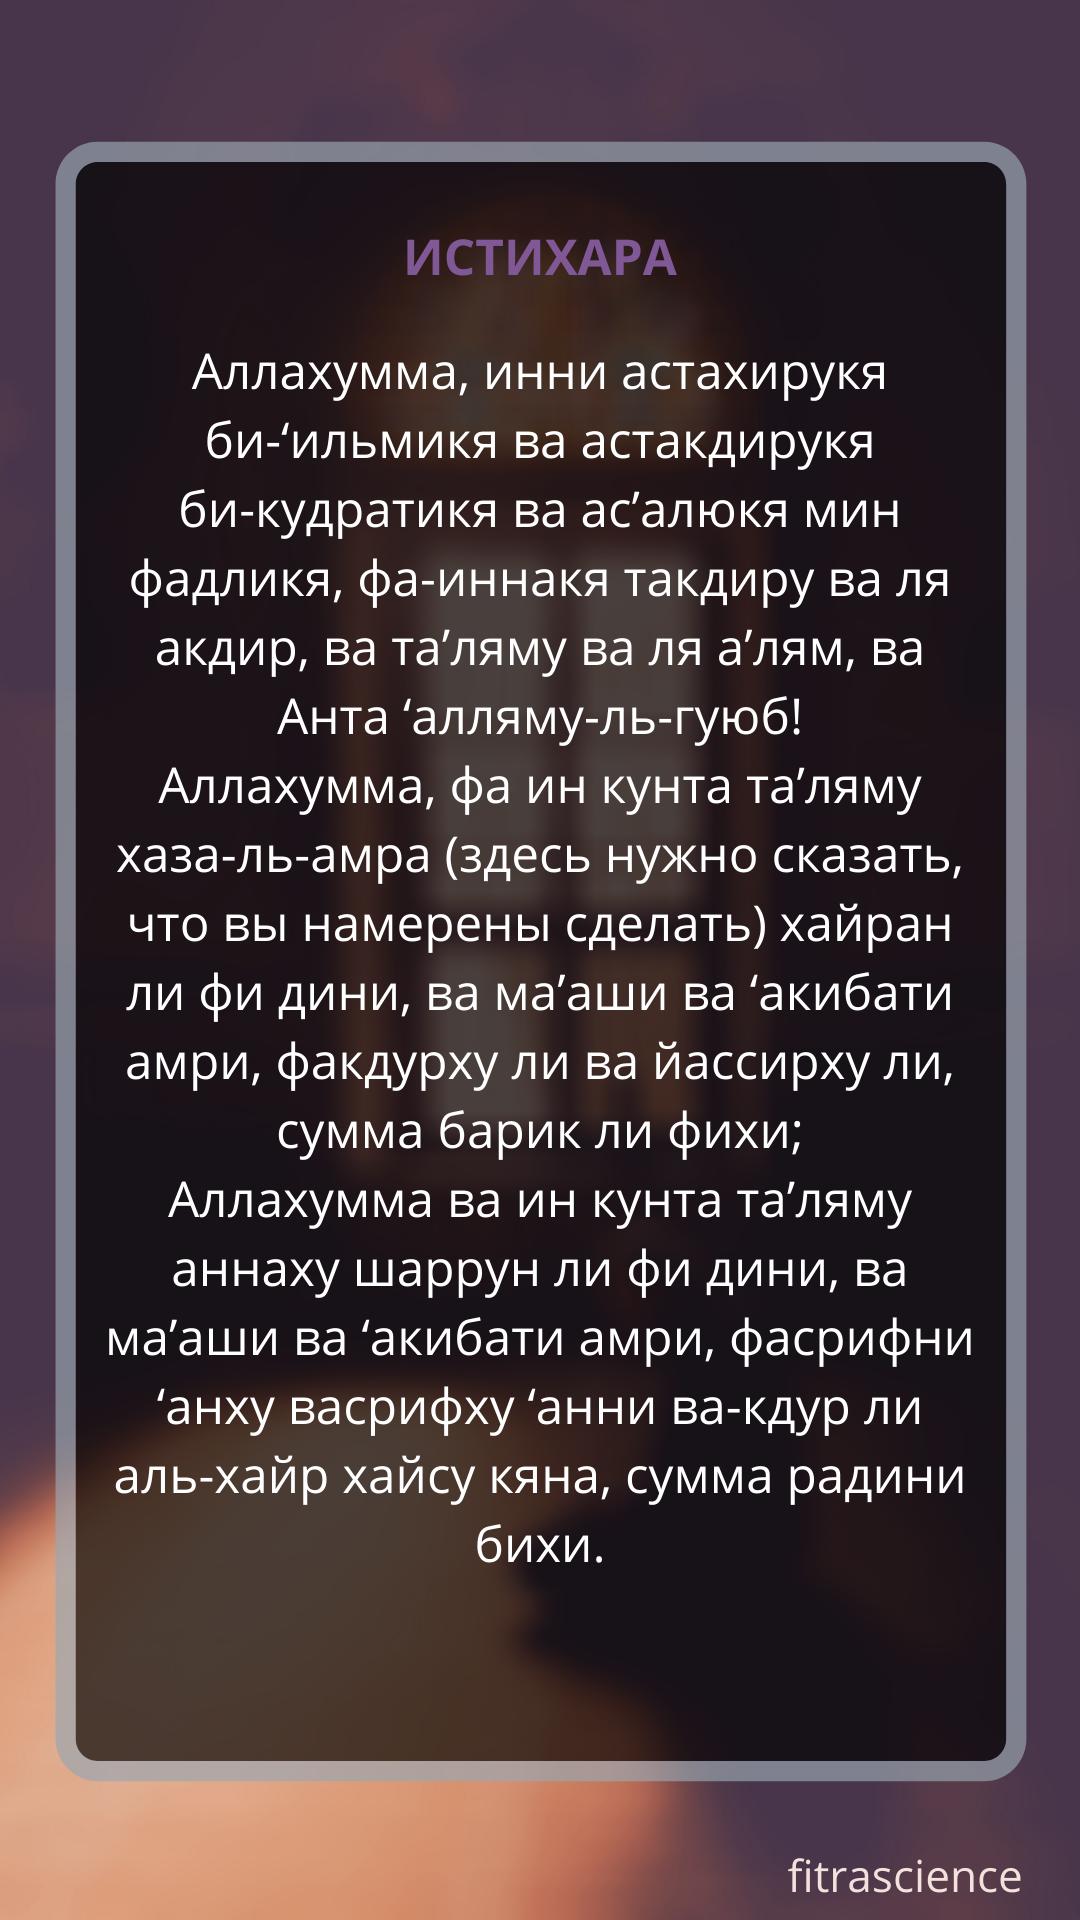 дуа истихара; текст истихары